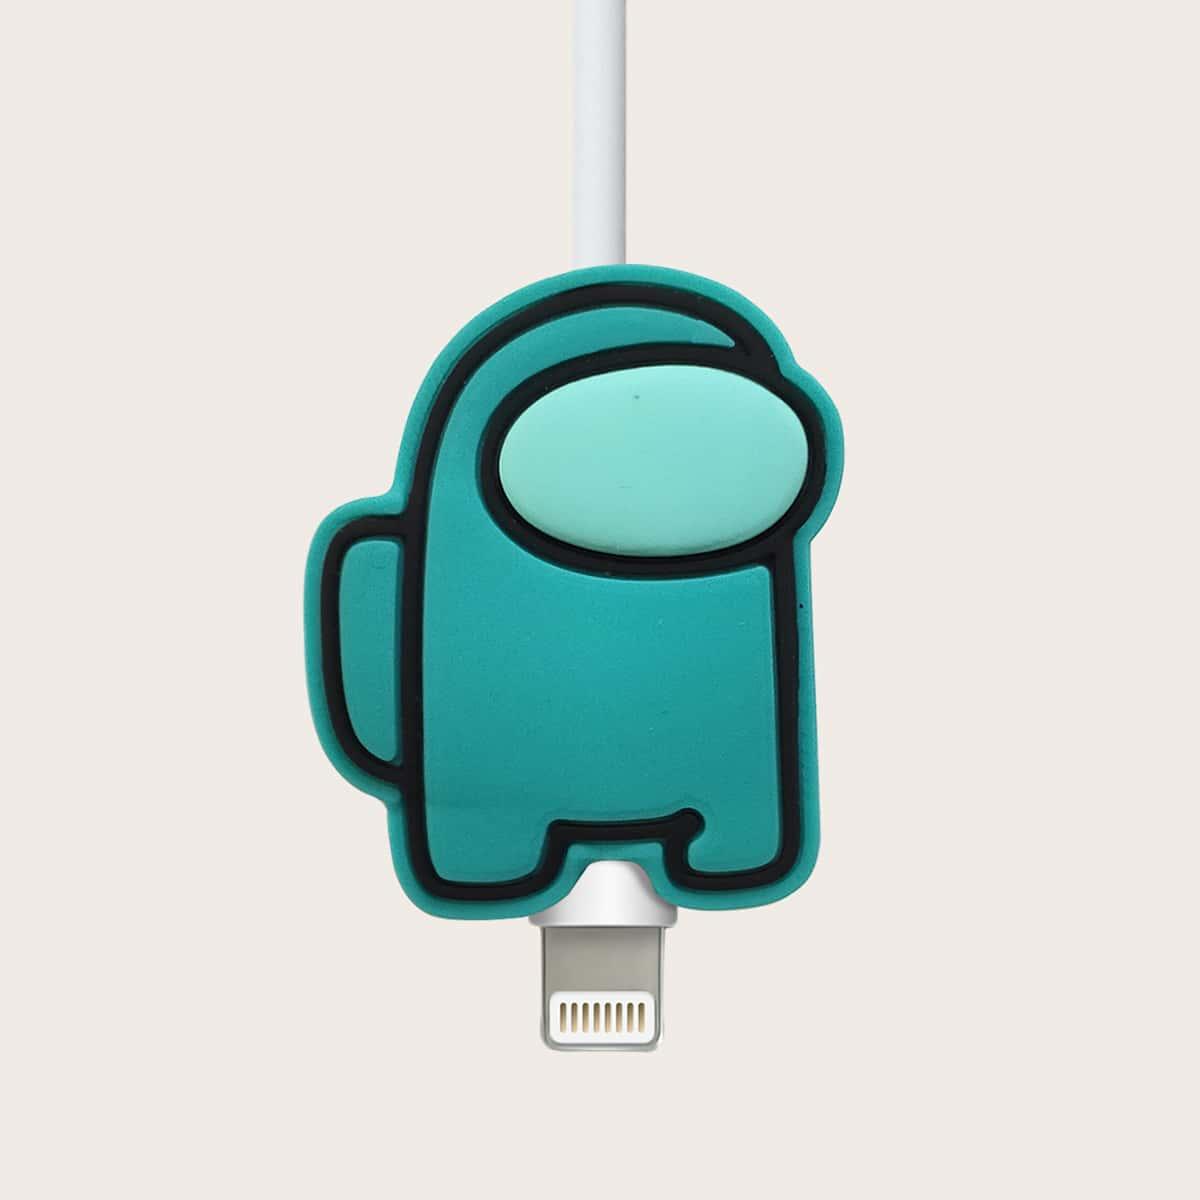 Протекторы для кабеля Аксессуары для телефона